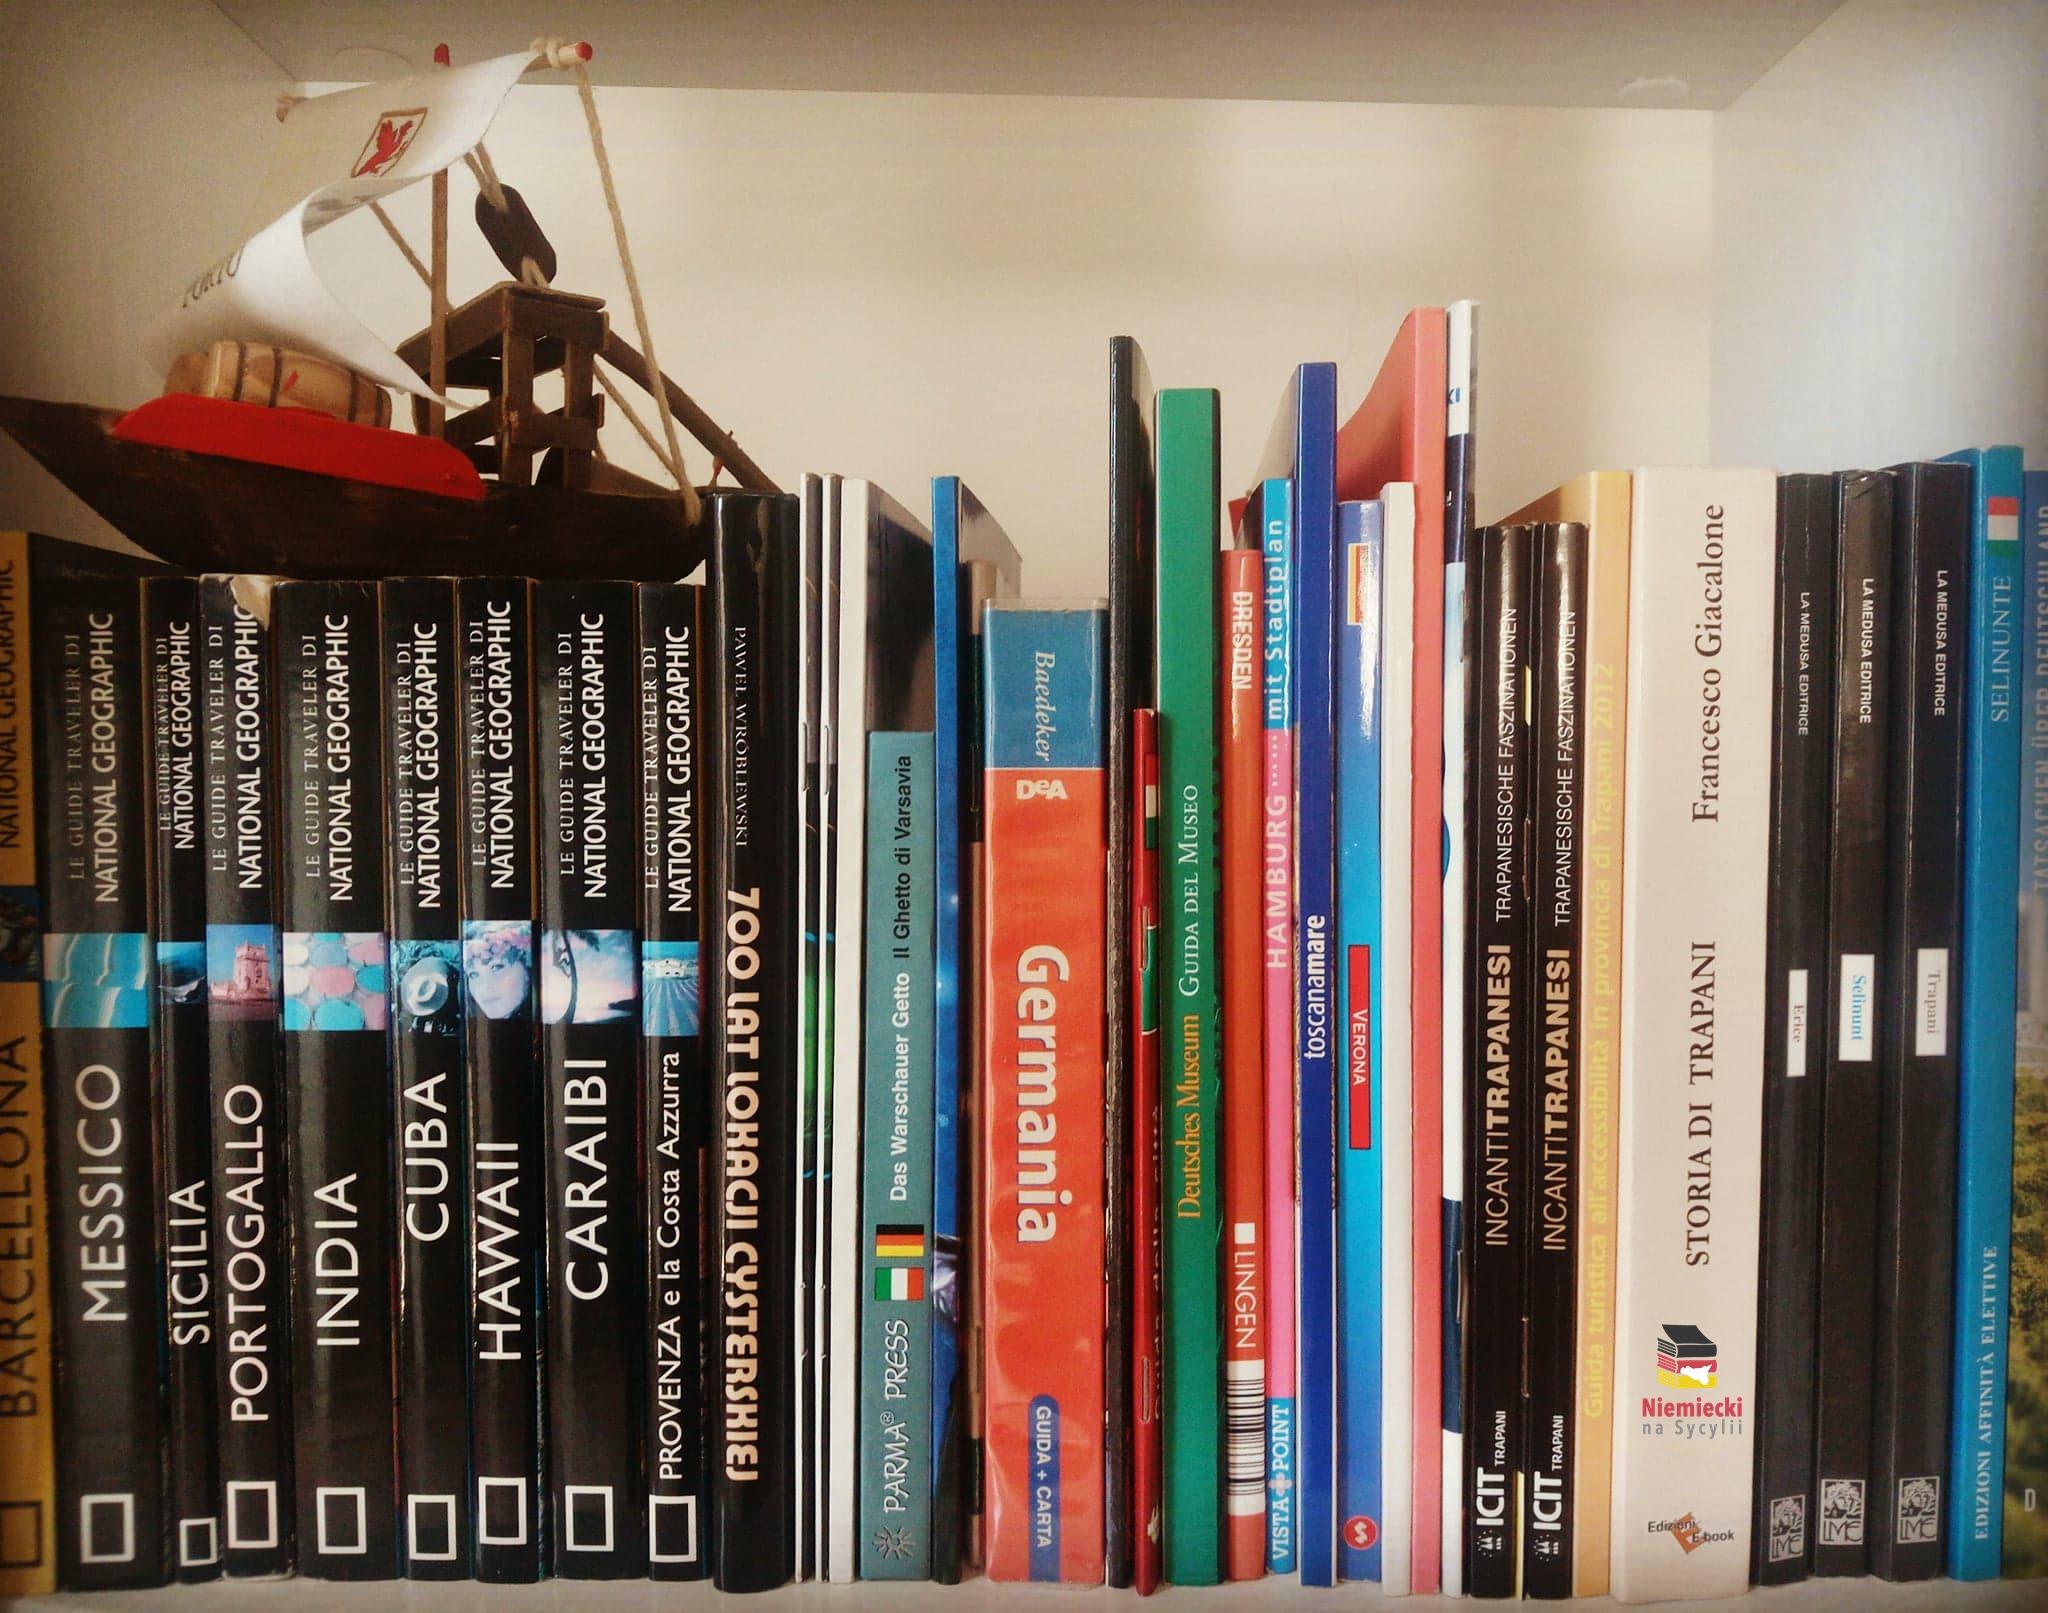 sycylia, podróże, travel, podróż na sycylię, wyjazd na sycylię, jedziemy na sycylię, lecimy na sycylię, urlop na sycylii, wakacje na sycylii, wakacje sycylia, urlop sycylia, sycylia w literaturze, książki z sycylią w tle, literacka podróż na sycylię, ciotka poldi i sycylijskie lwy, ciotka poldi, tamtego lata na sycylii, tylko się nie zakochaj, ksiązki o Sycylii, sycylia w literaturze, sycylia literatura, sycylia książka, książki o sycylii, książka na urlop, książka na wakacje, co przeczytać na wakacjach, jaka książkę zabrać na wakacje, wakacje z książką, podróż literacka, książki z sycylią w tle, sycylijska powieść, opowieść o sycylii